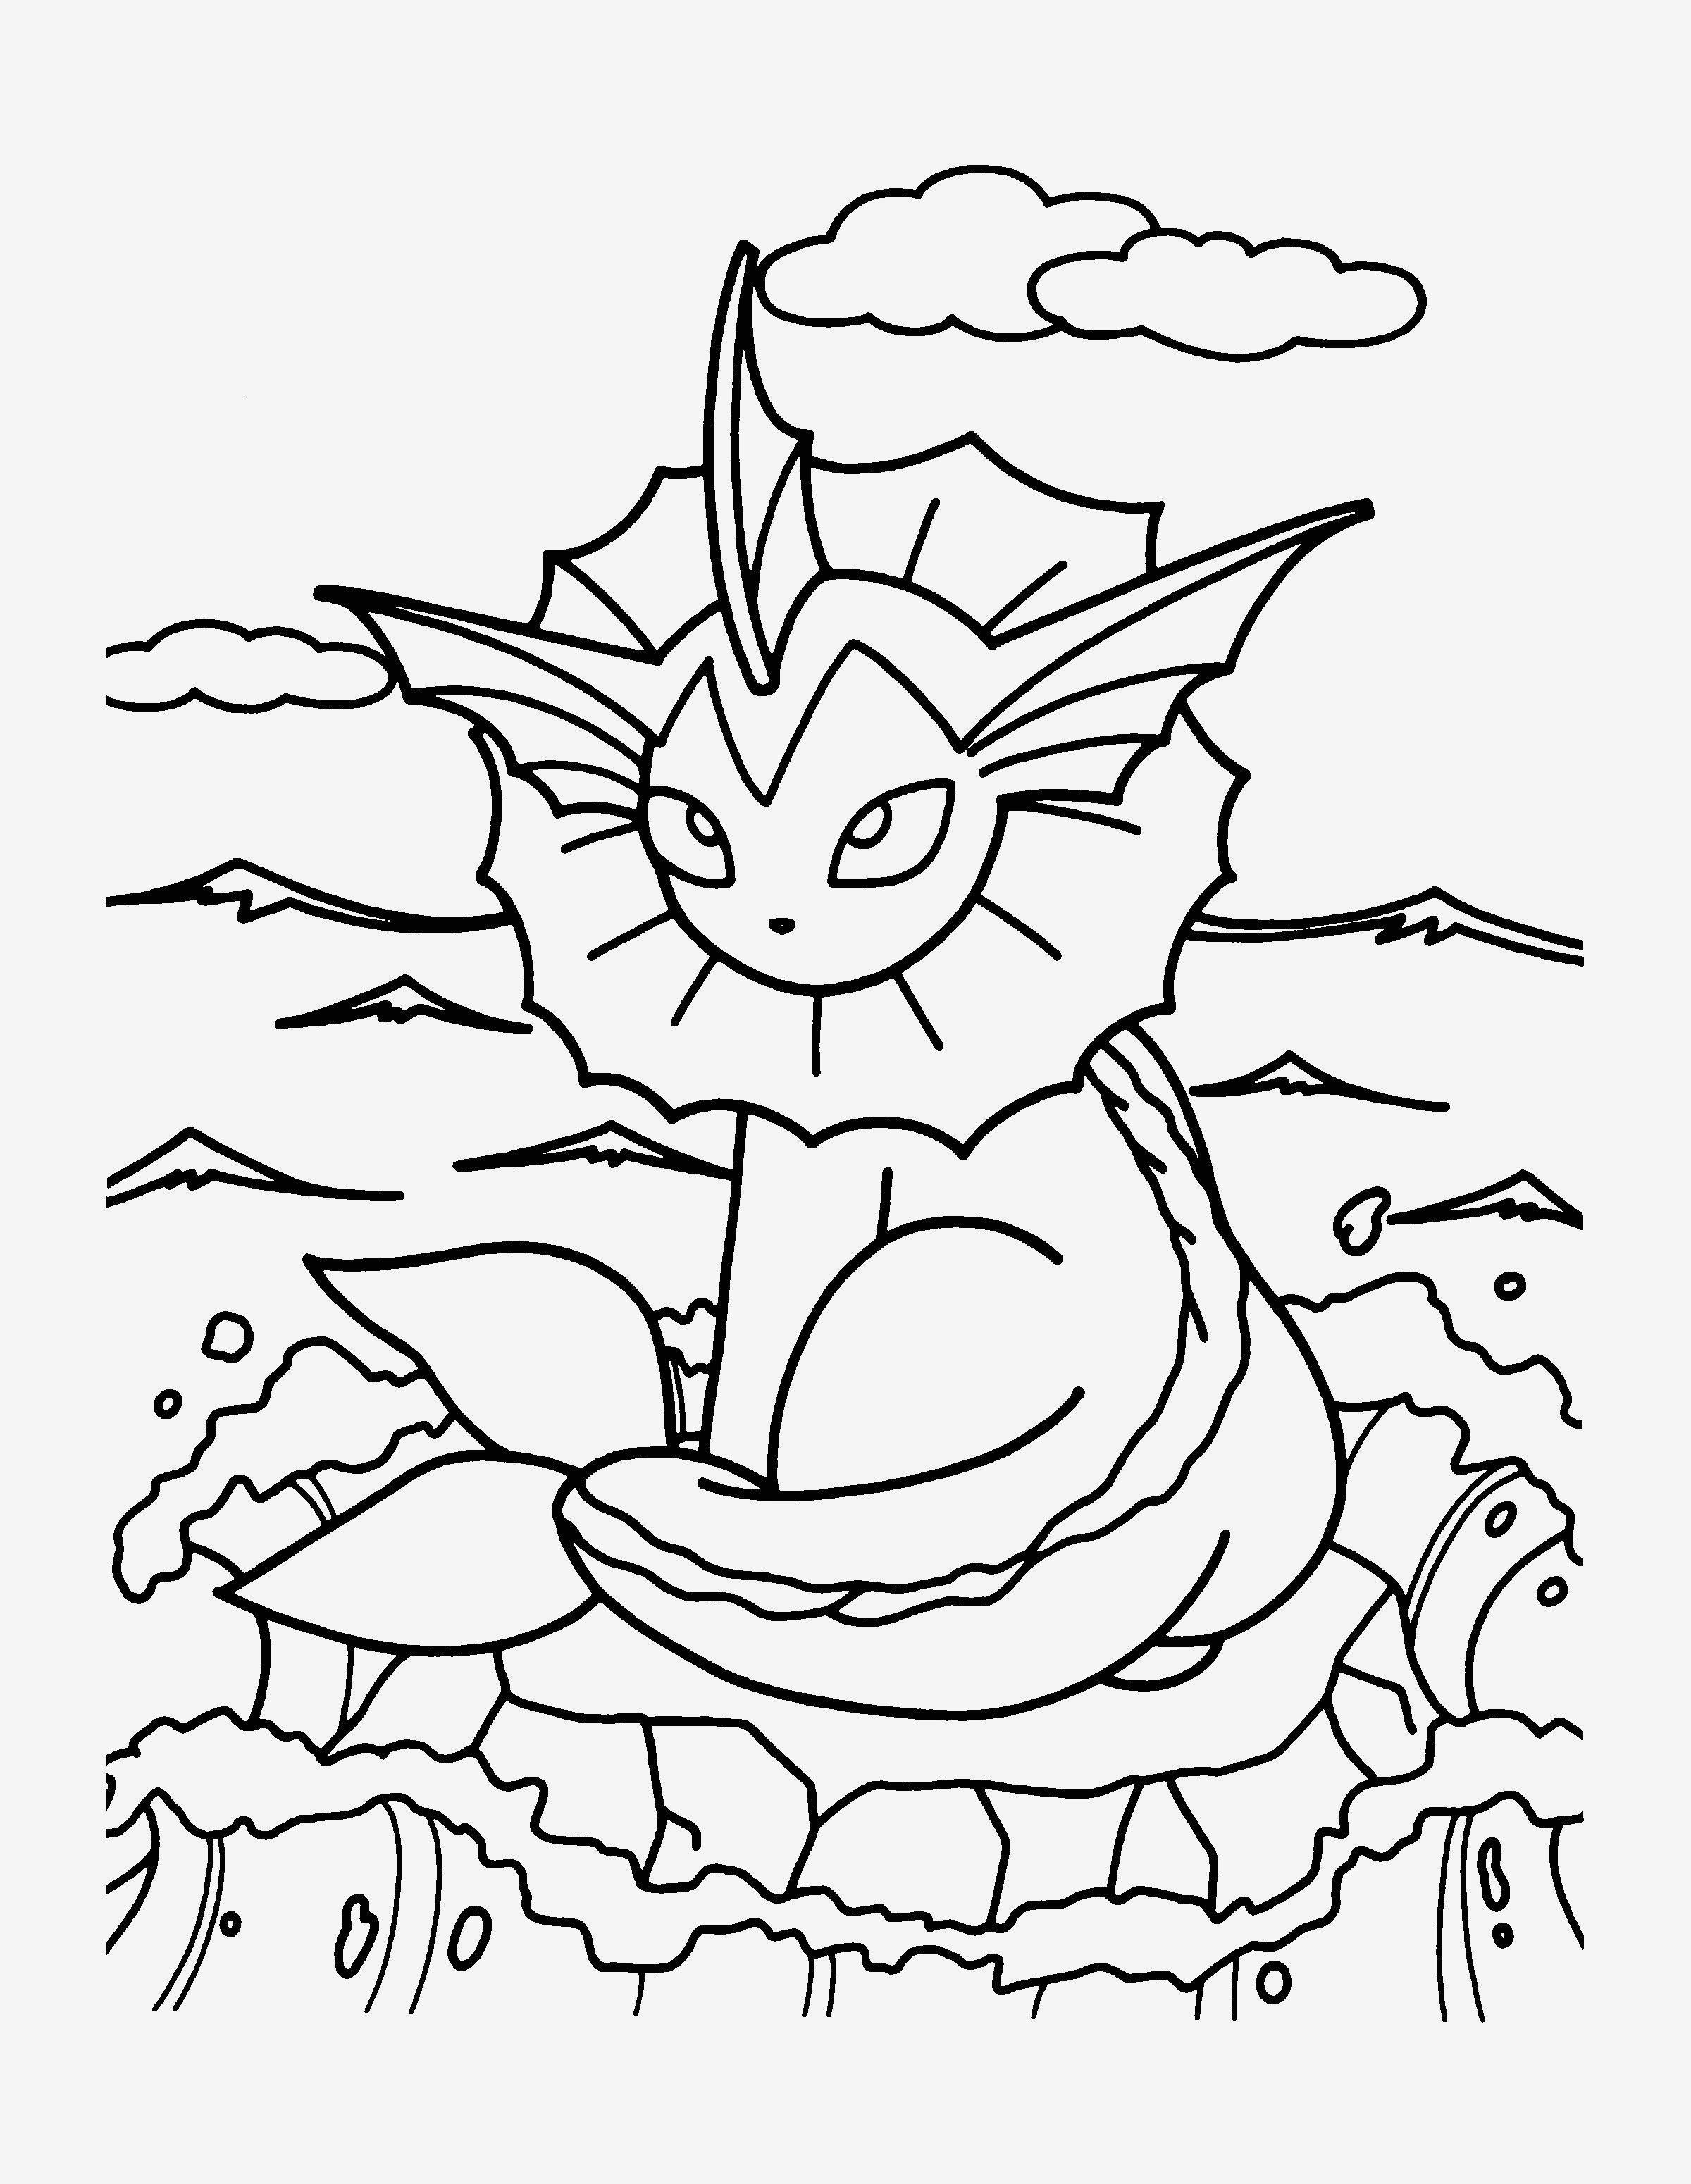 Steinzeit Bilder Zum Ausmalen Genial 45 Best Ausmalbilder Von Dragons Mickeycarrollmunchkin Bild